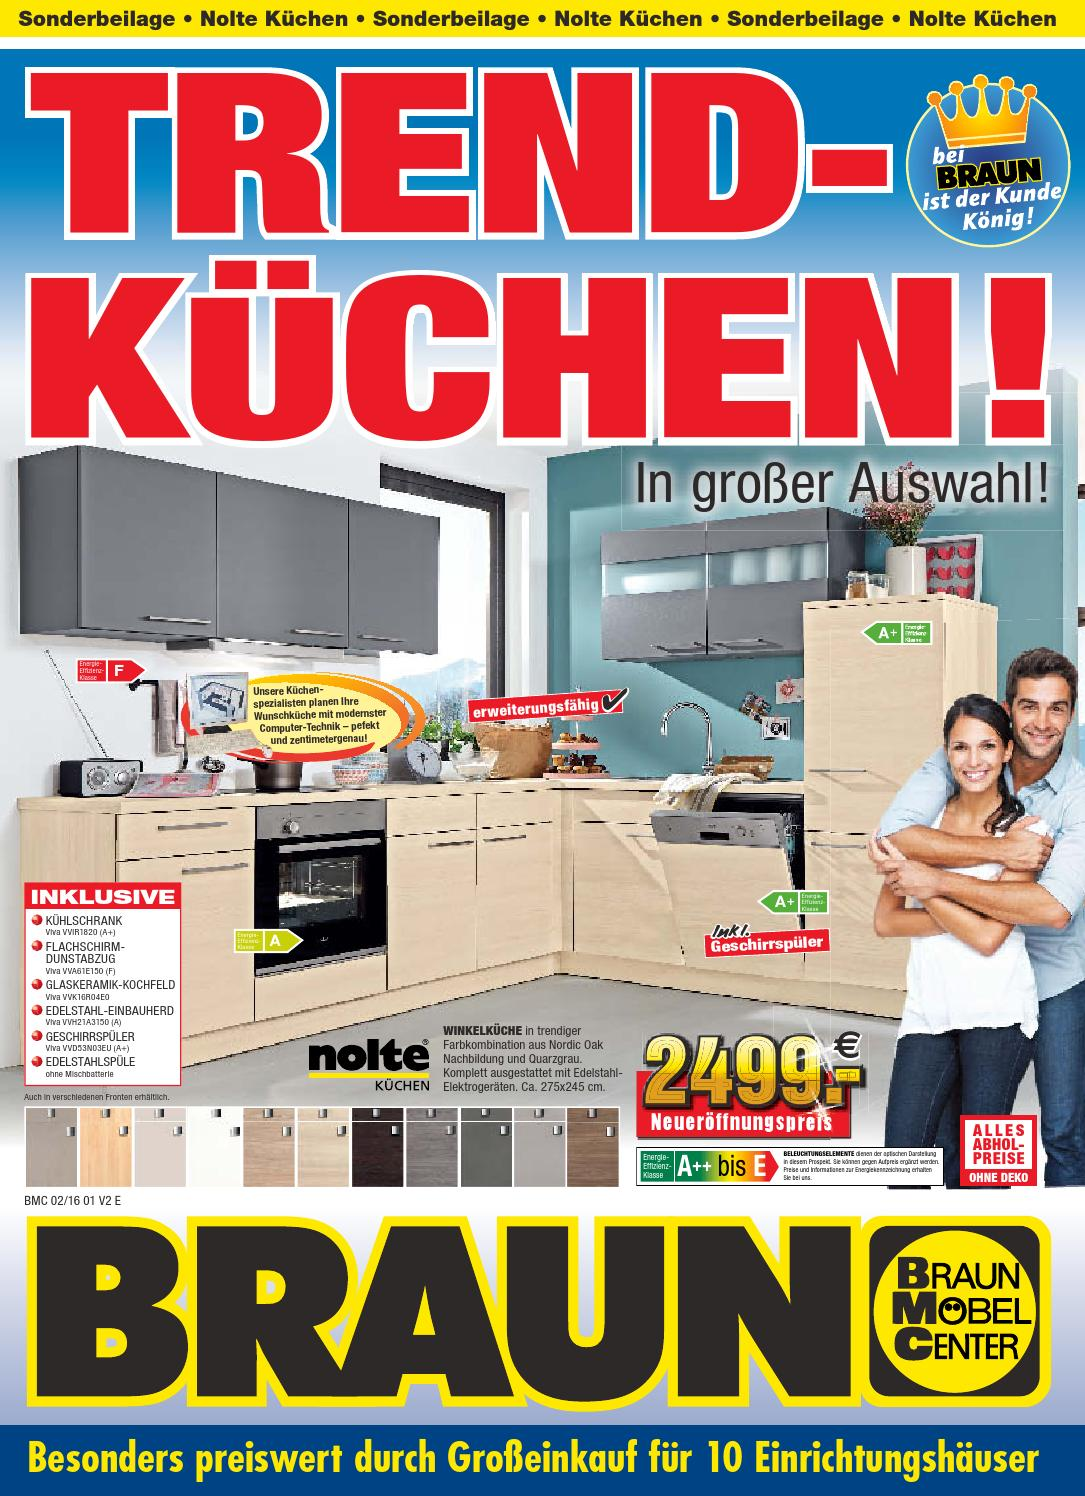 Braun Möbel Center Trend Küchen By Saarbrücker Verlagsservice Gmbh